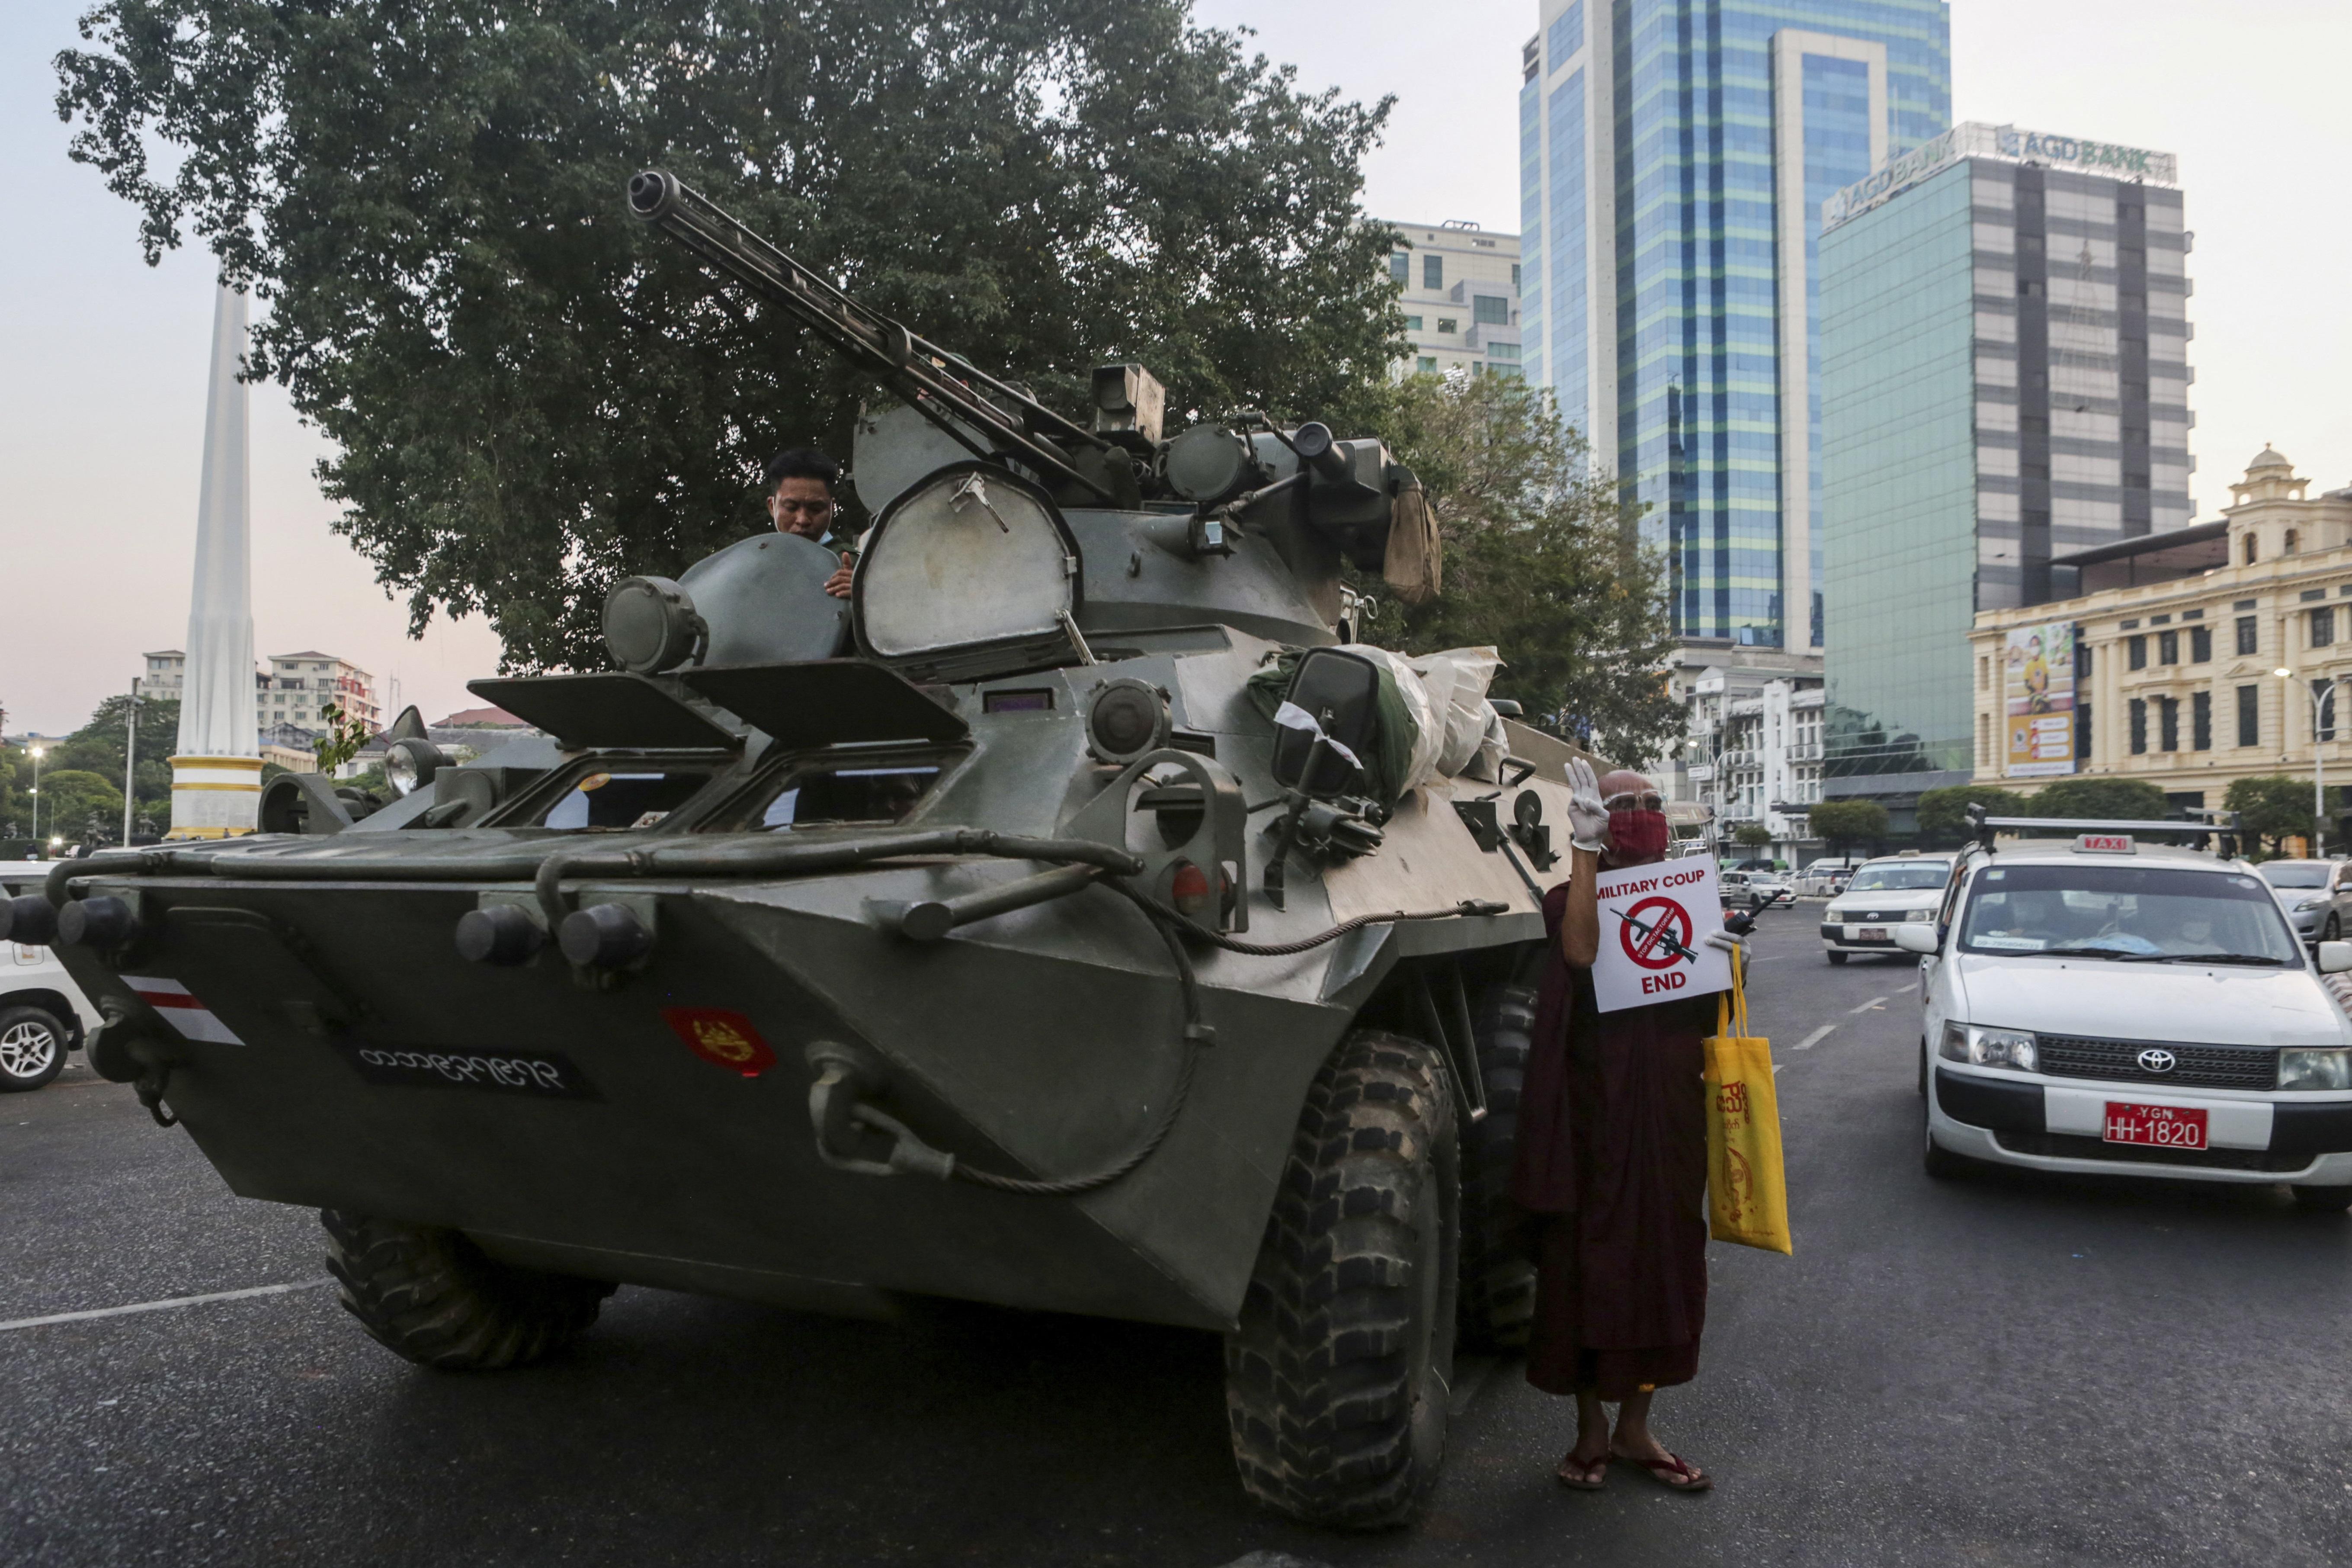 【缅甸军人政变】军方在主要城市部署装甲车 通讯网络中断